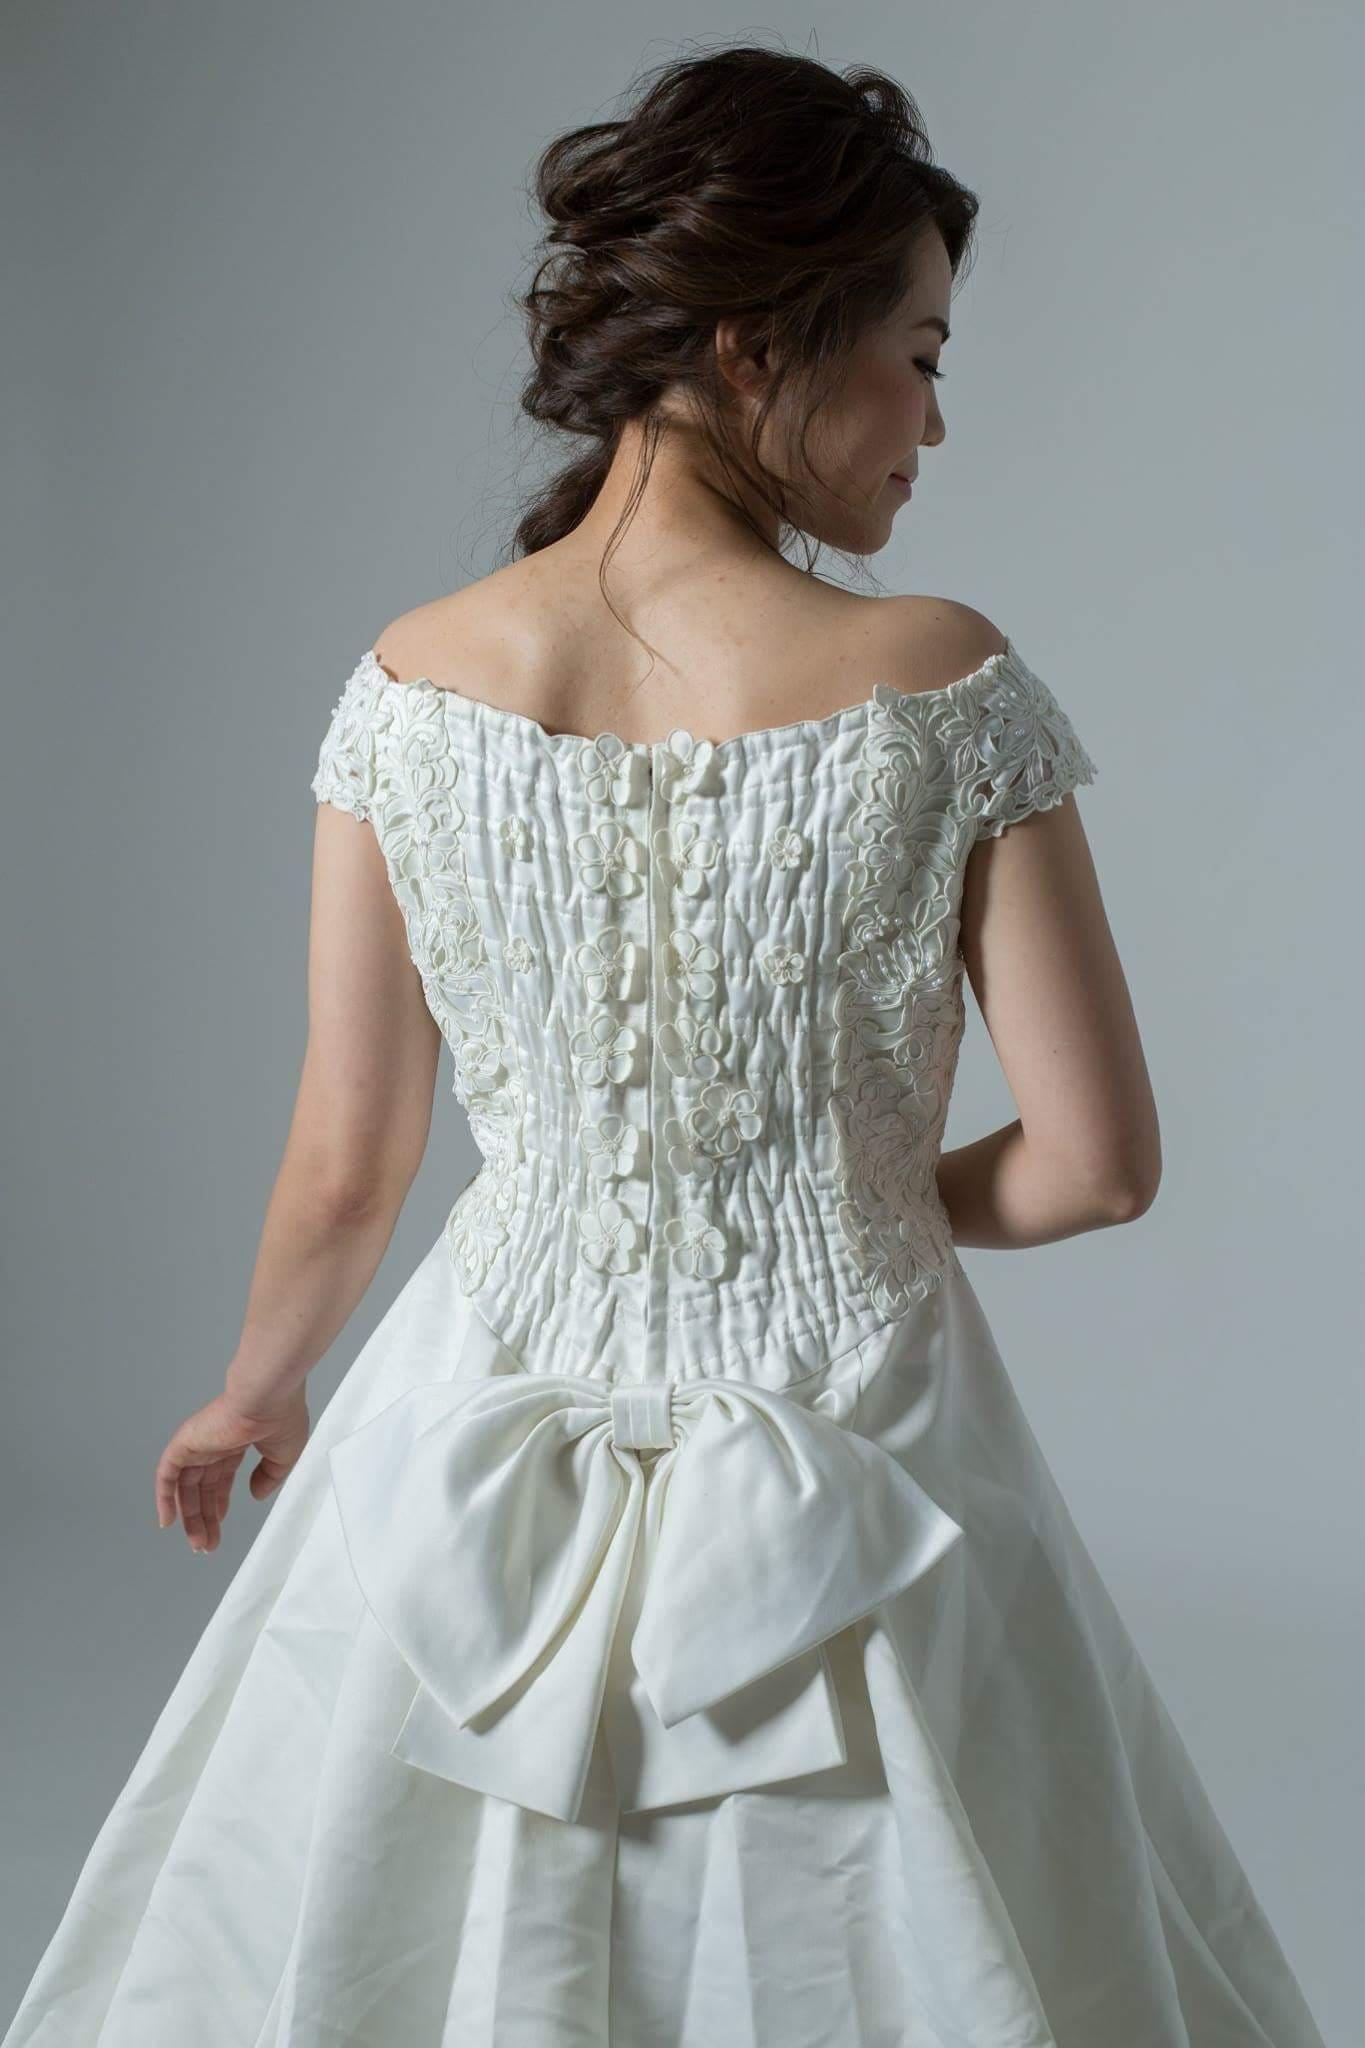 レンタルウエディングドレス(オリエンタル)のイメージその4